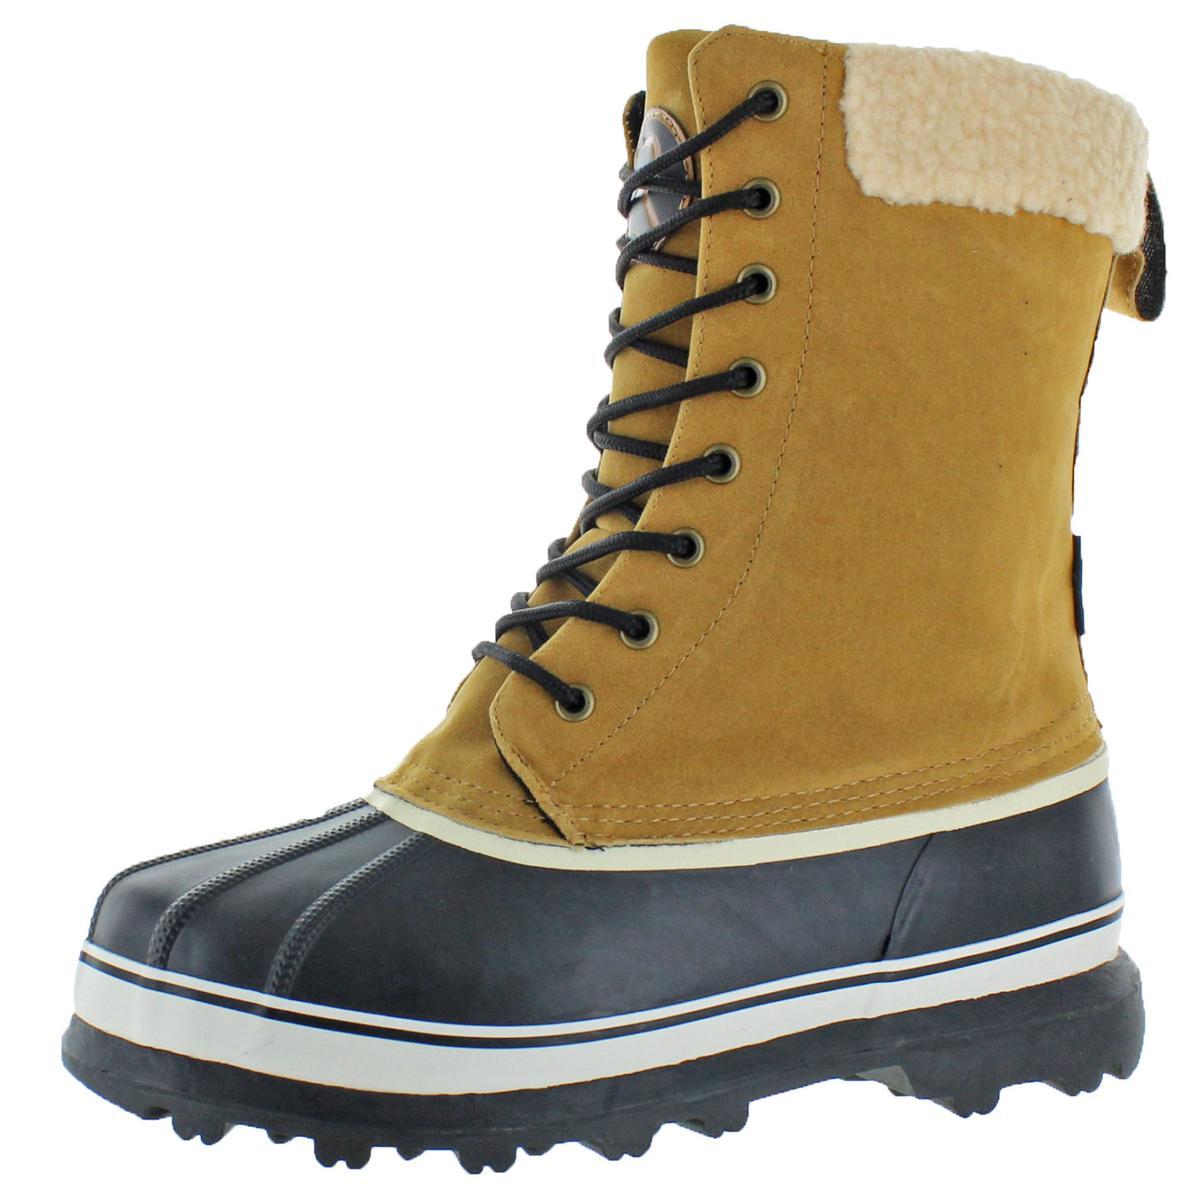 6d57aad0217 Revelstoke Men's Overland Waterproof Sherpa Snow Duck Boots